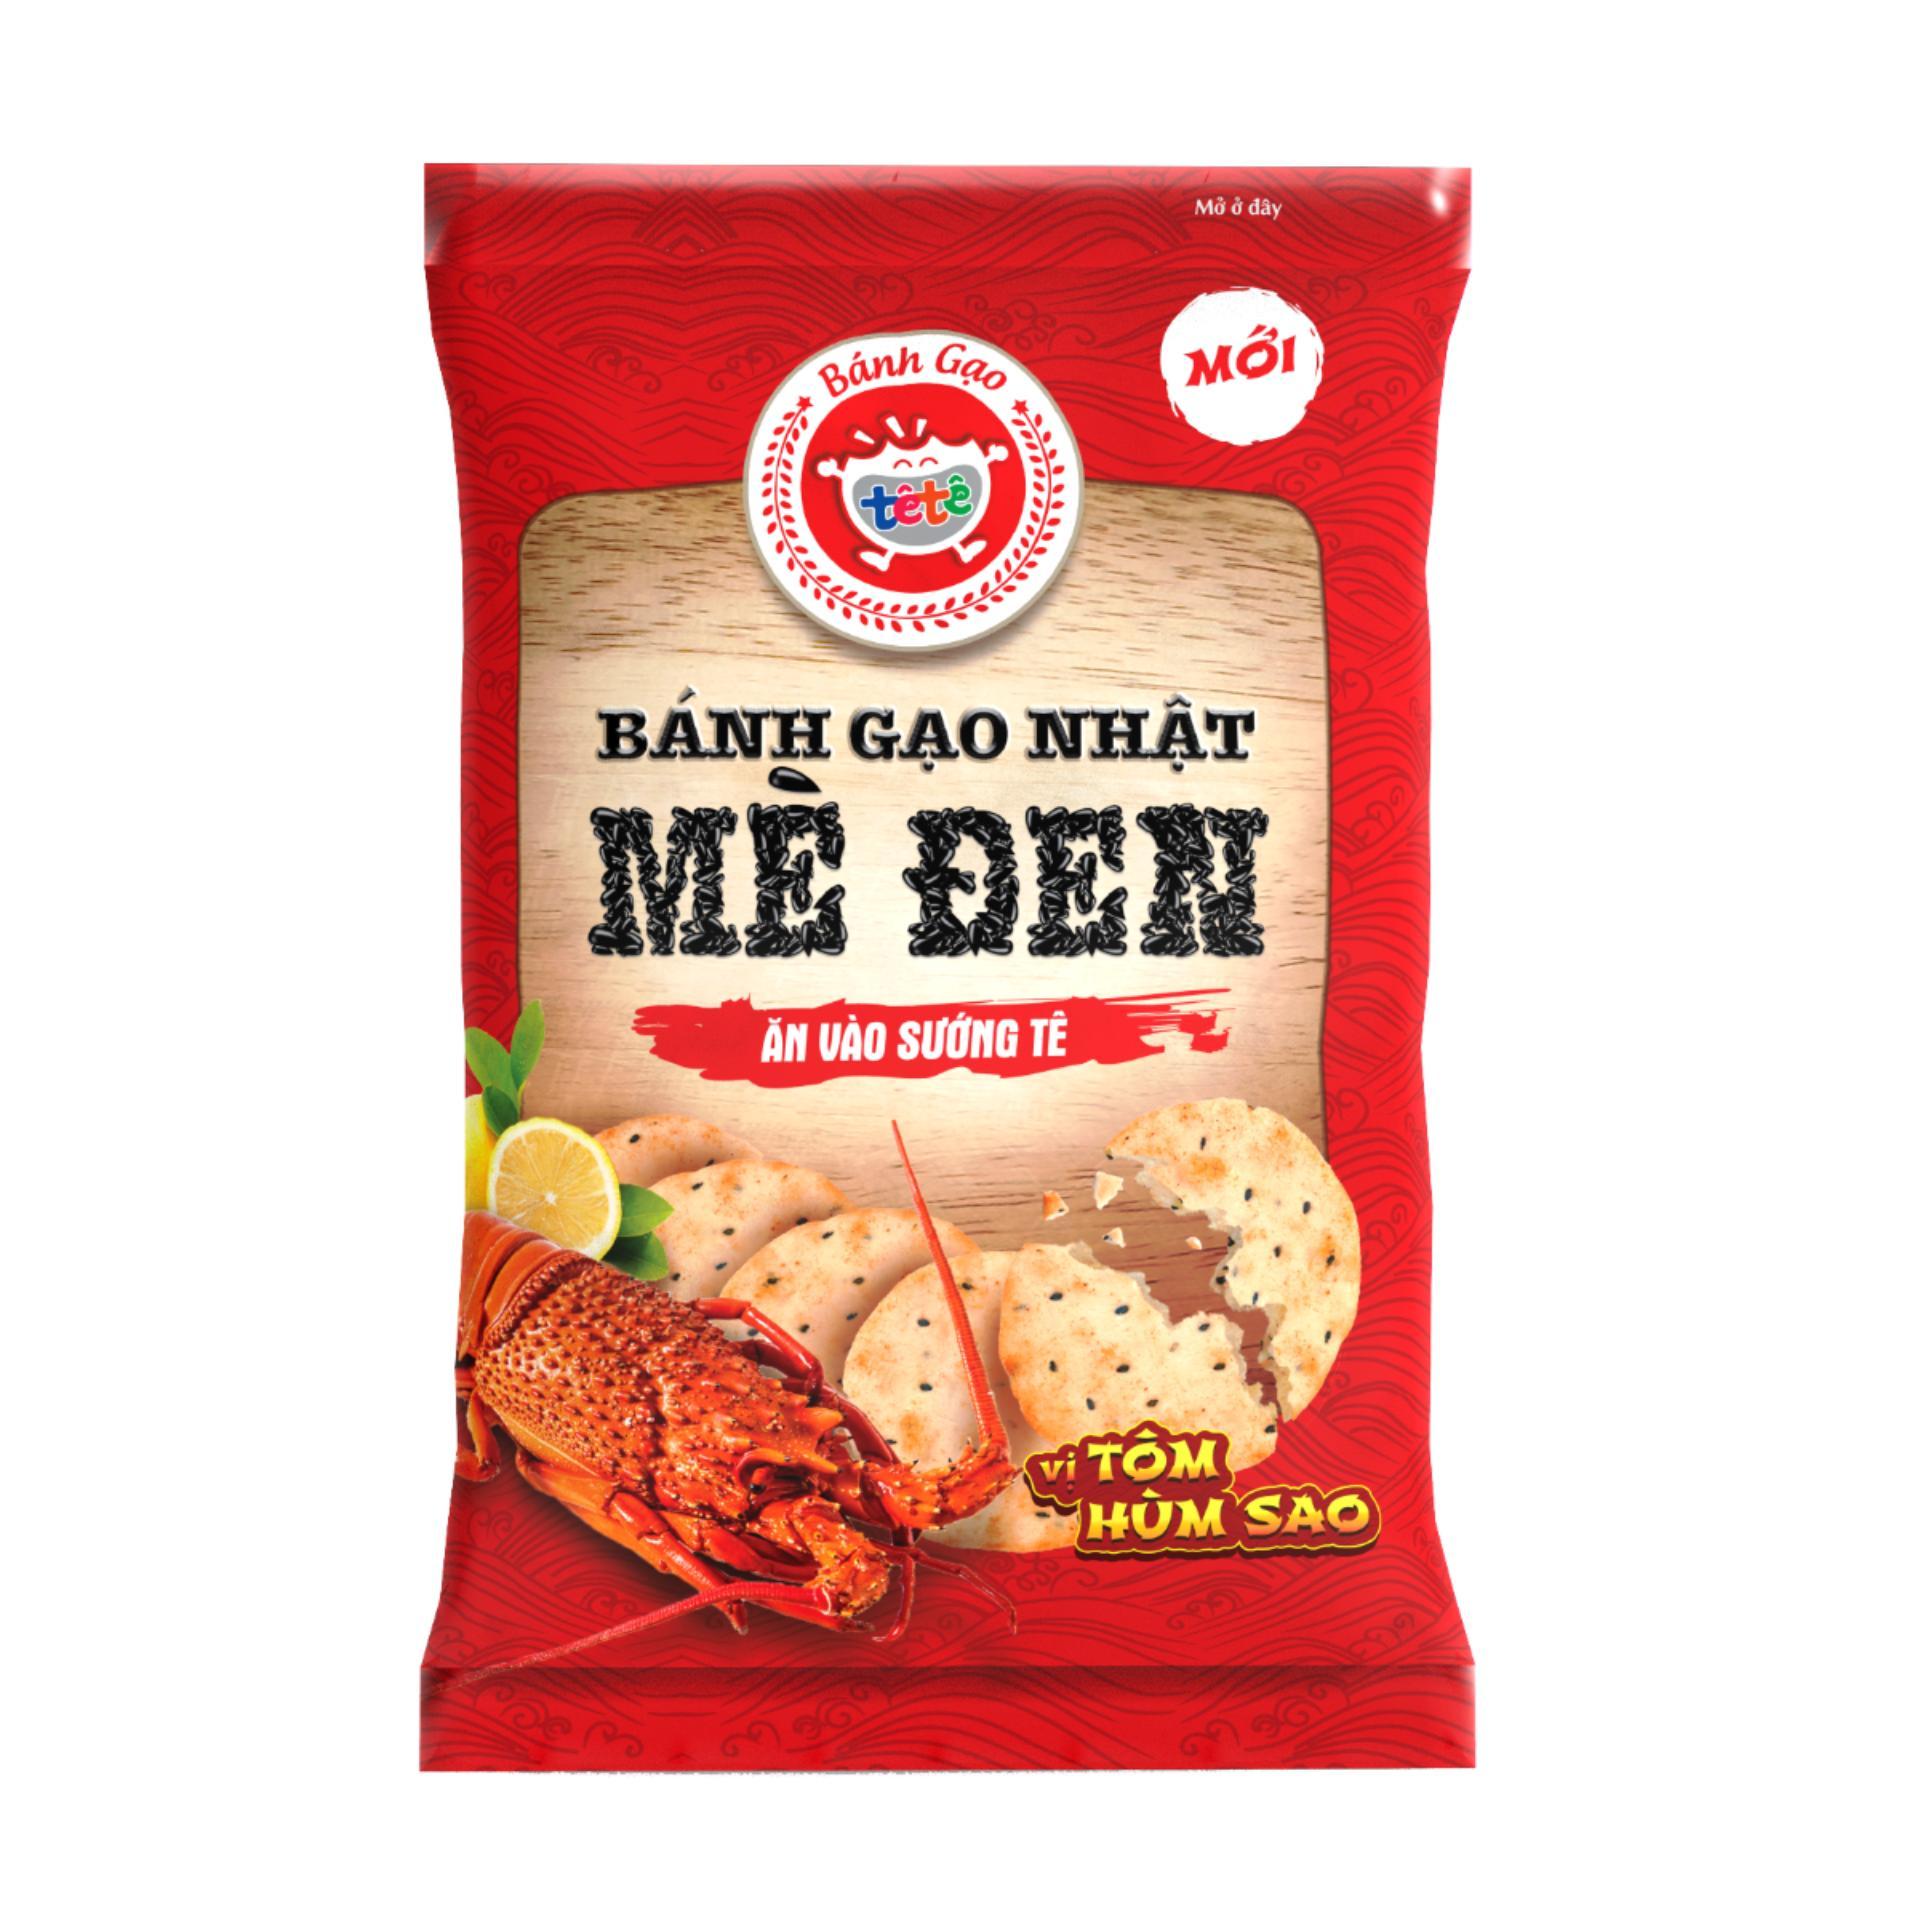 Bánh Gạo Nhật Mè Đen Vị Tôm Hùm Sao 140g